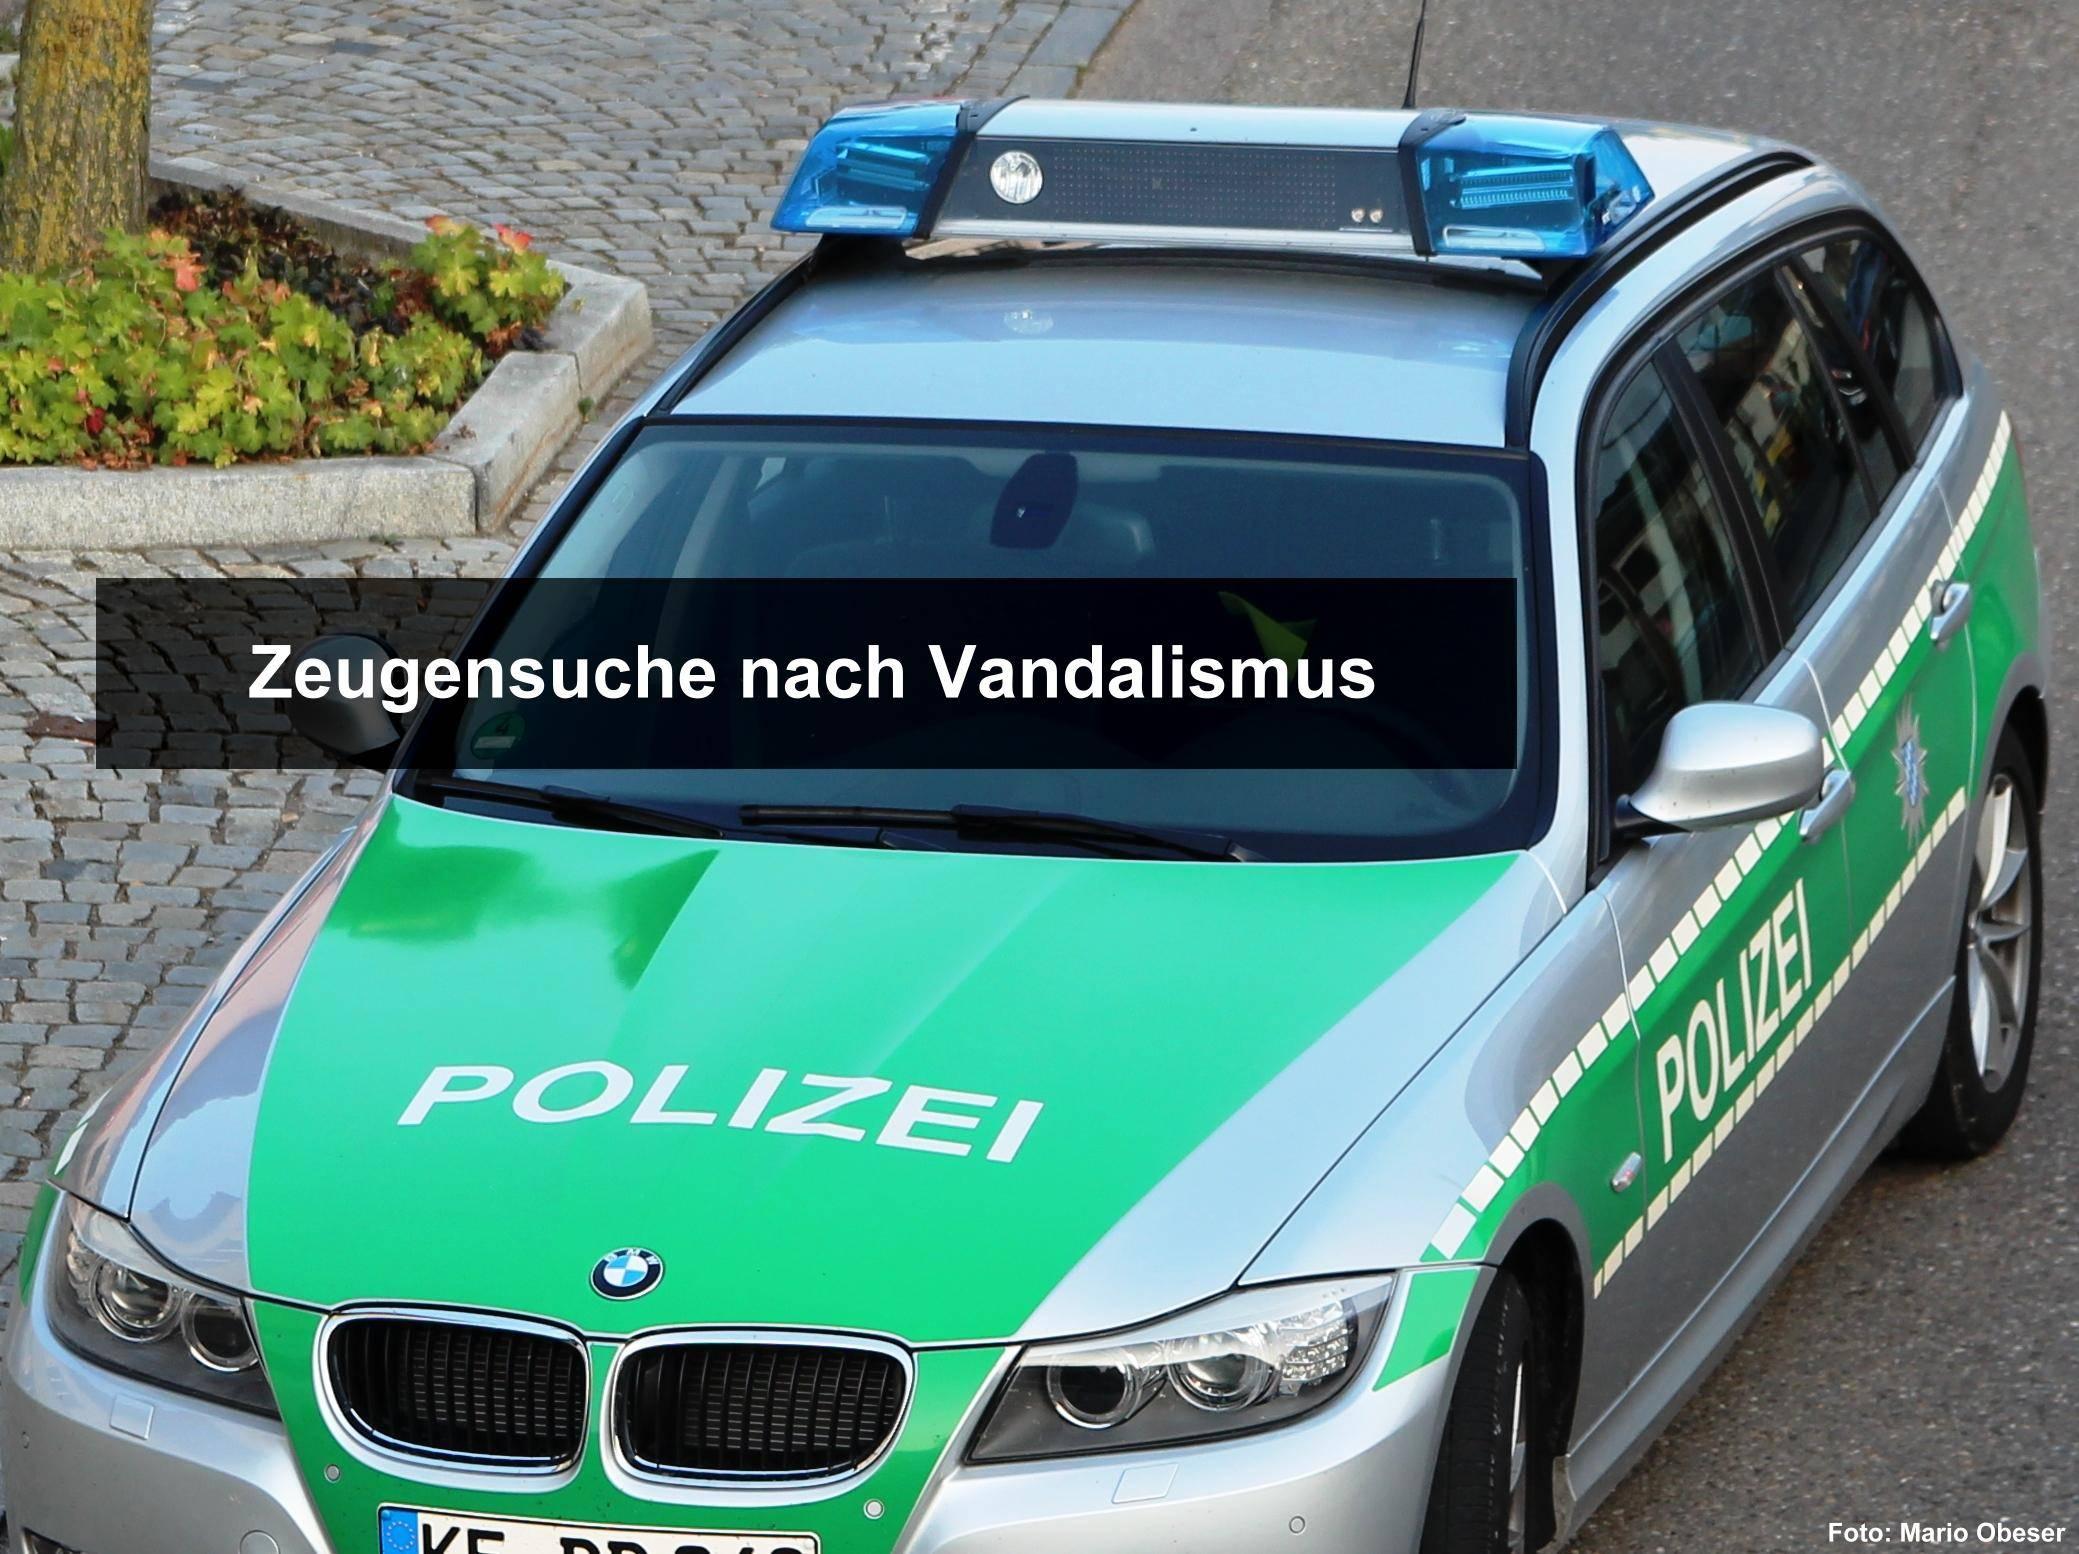 Zeugen Vanalismus, Vandalen, Polizei, Obeser Mario, bsaktuell